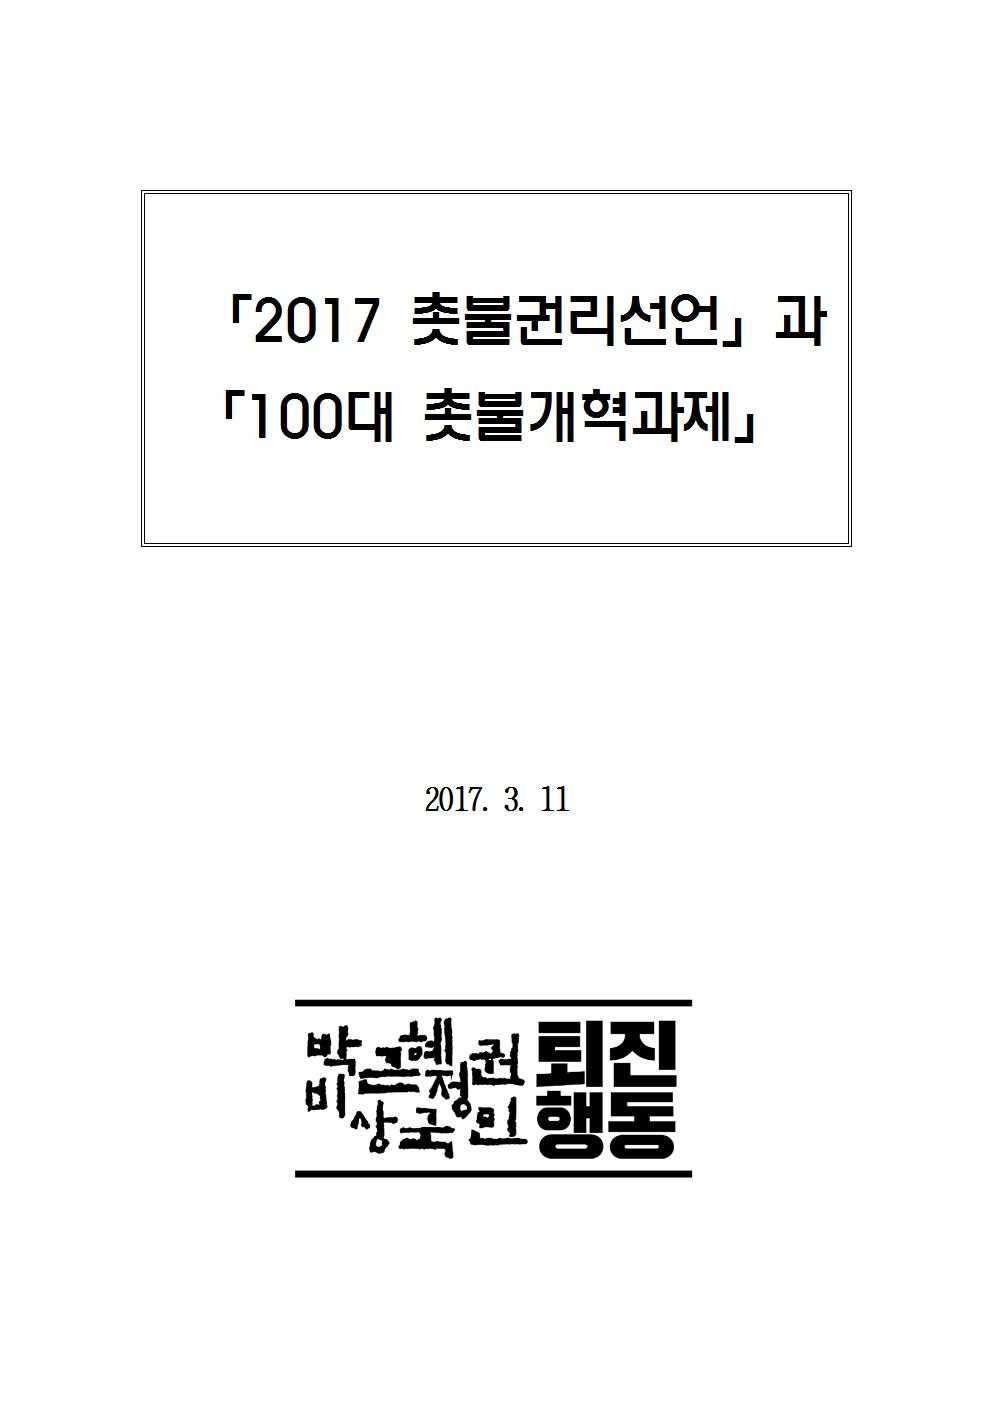 20170311_퇴진행동_촛불권리선언_100대개혁과제(표지)001.jpg